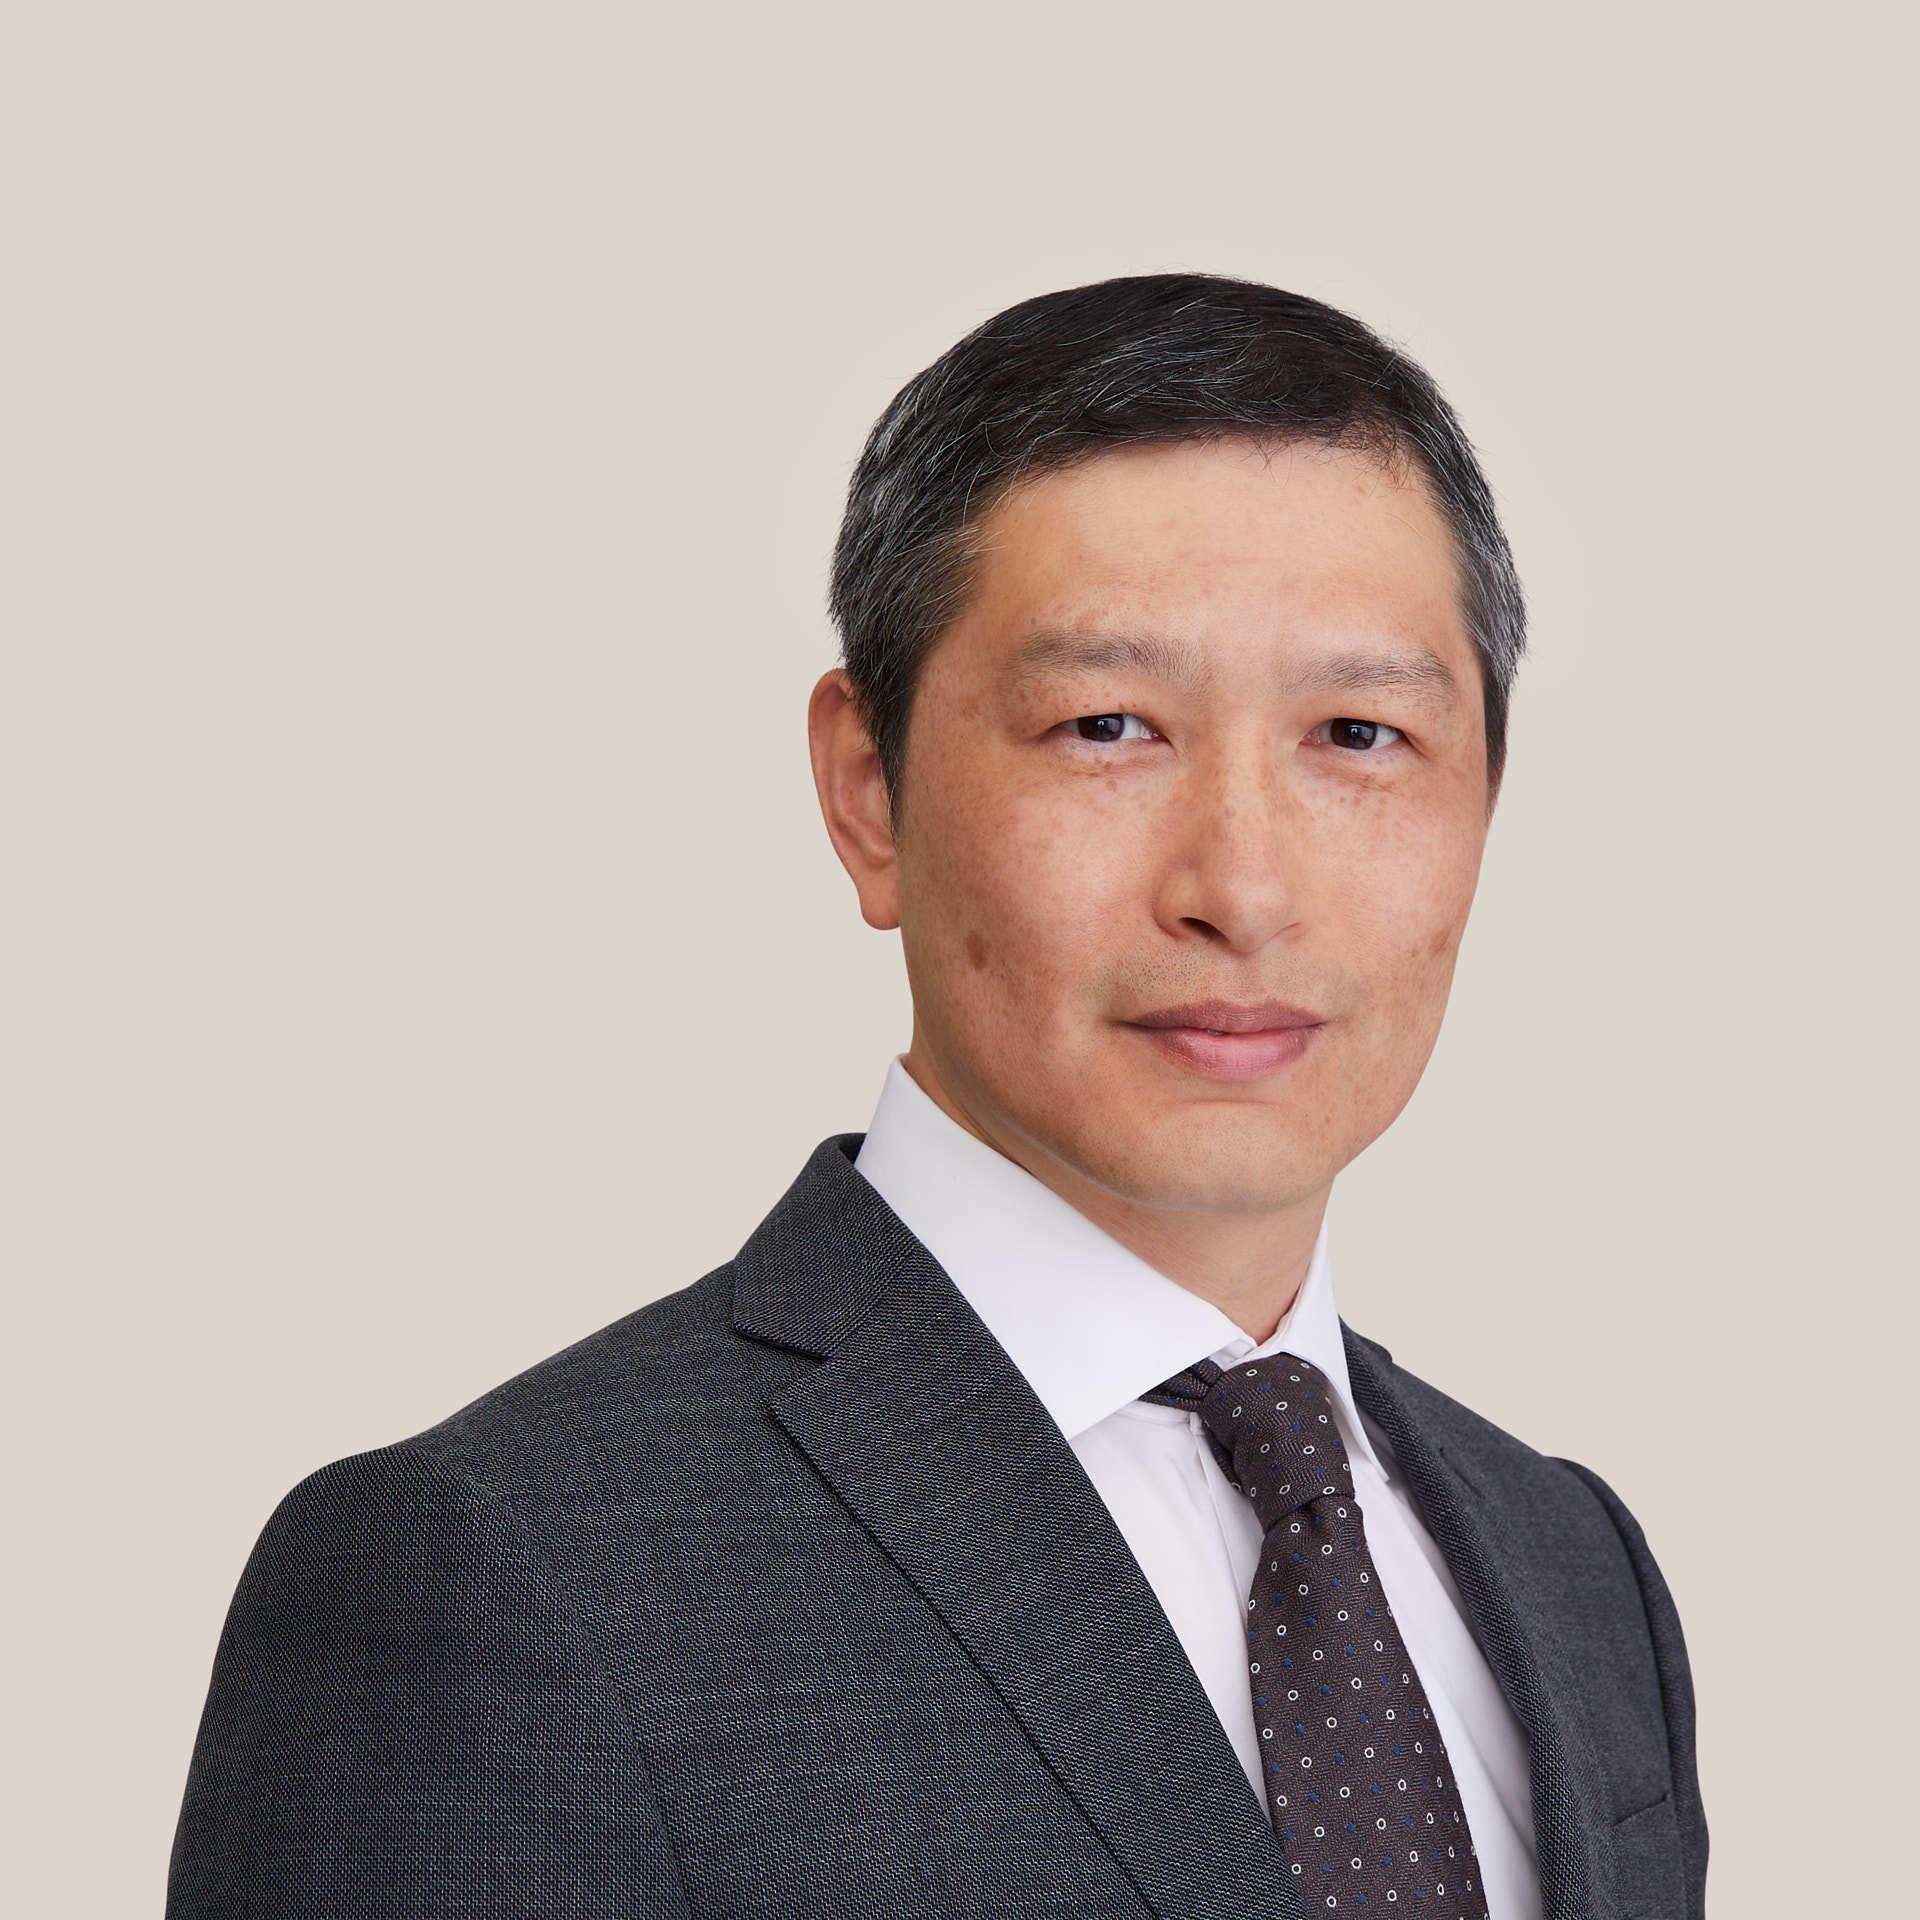 Yi Duan